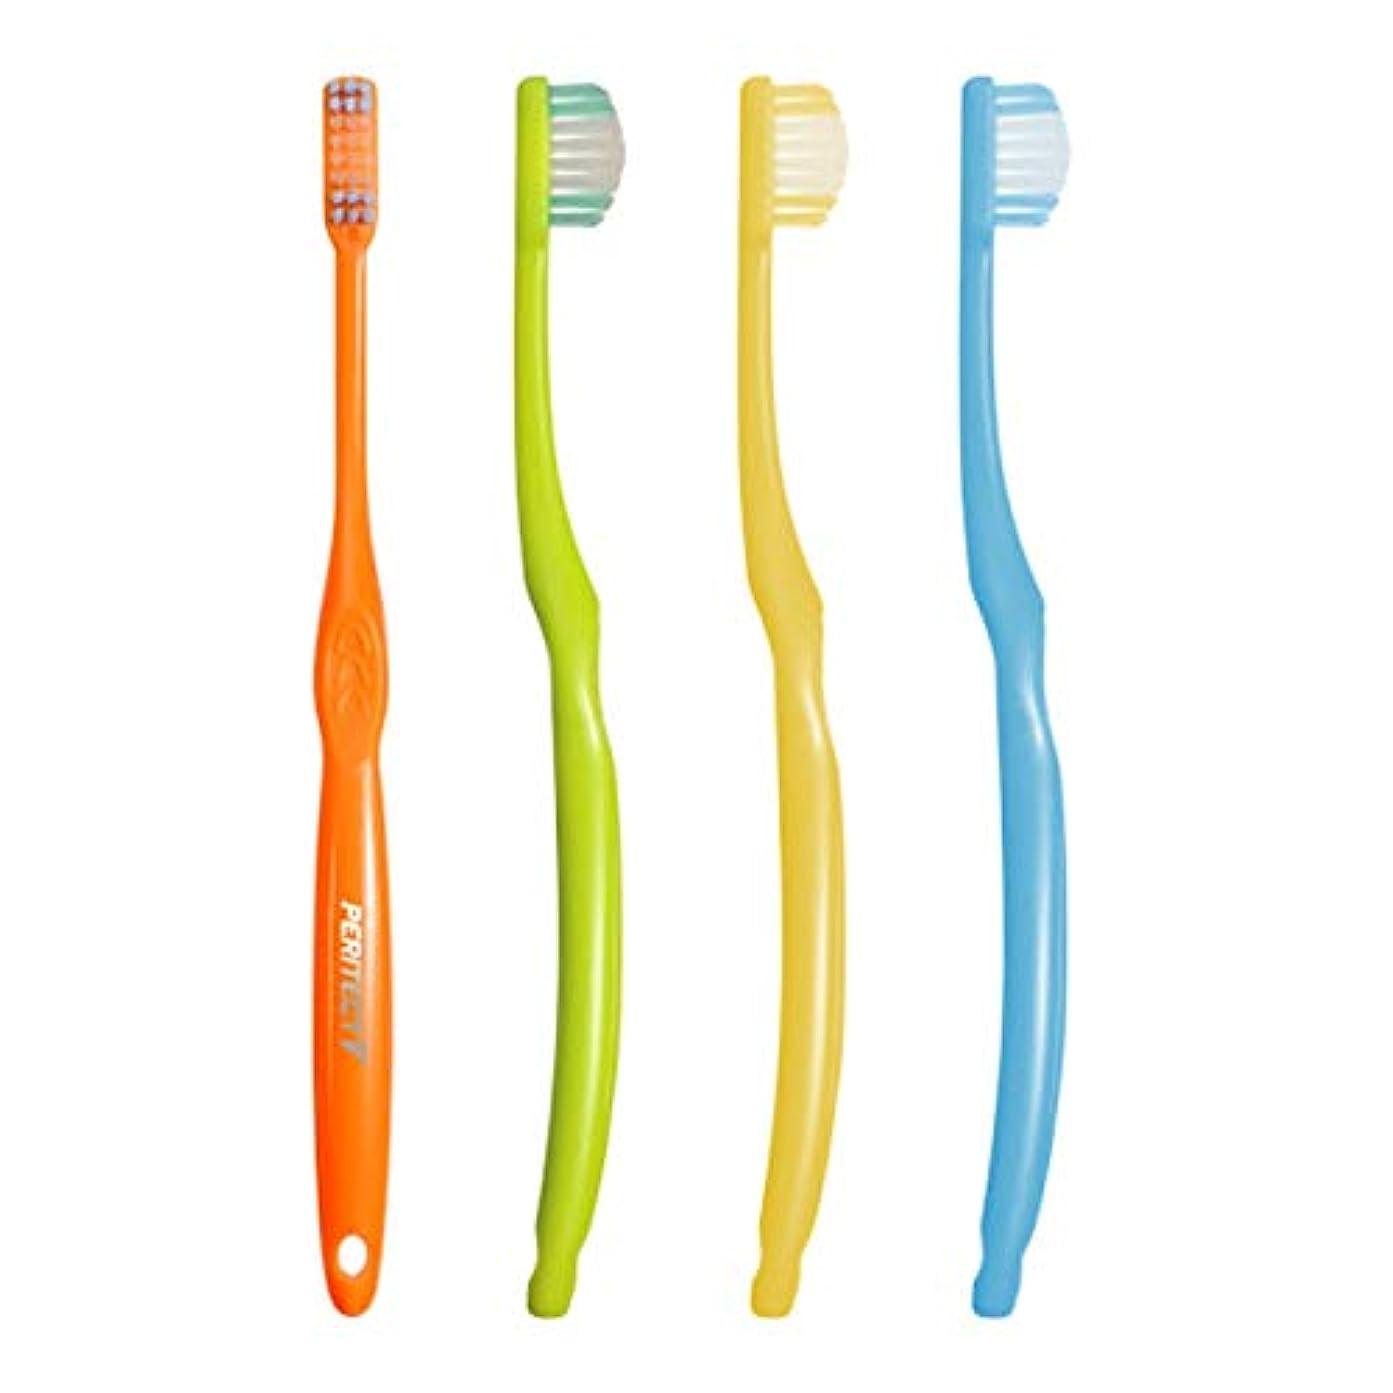 プランテーションスキャン明るいビーブランド PERITECT V ペリテクト ブイ 8M(ふつう)×1本 歯ブラシ 歯科専売品